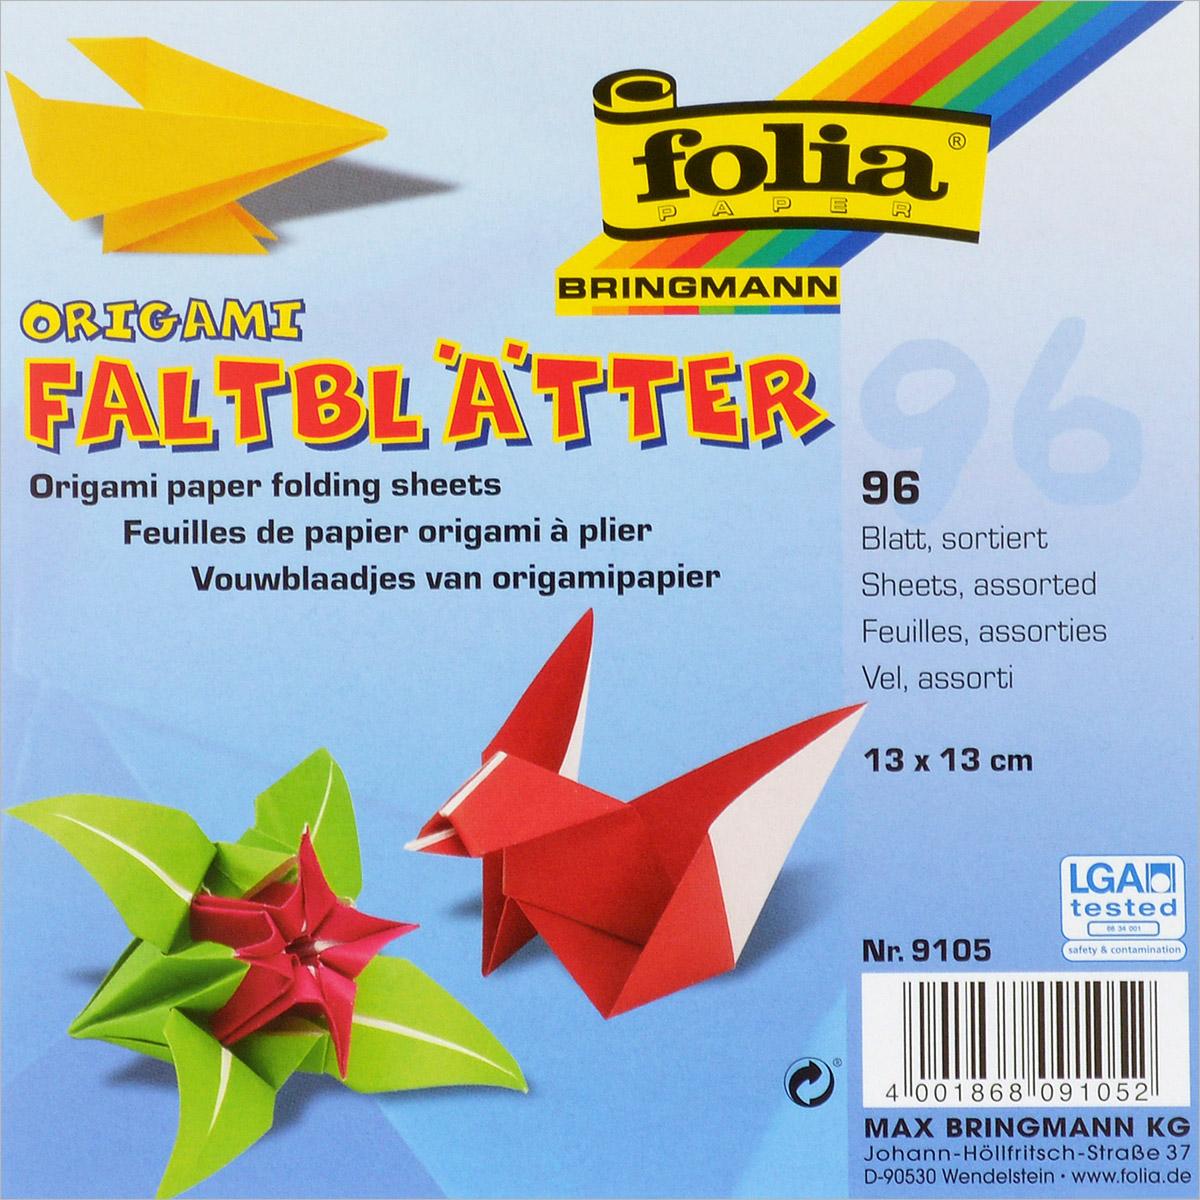 Бумага для оригами Folia, 13 х 13 см, 96 листов55052Набор специальной цветной односторонней бумаги для оригами Folia содержит 96 листов разных цветов, которые помогут вам и вашему ребенку сделать яркие и разнообразные фигурки. В набор входит бумага 12 цветов. Эти листы можно использовать для оригами, украшения для садового подсвечника или для создания новогодних звезд. Бумага хорошо комбинируется с цветным картоном.За свою многовековую историю оригами прошло путь от храмовых обрядов до искусства, дарящего радость и красоту миллионам людей во всем мире. Складывание и художественное оформление фигурок оригами интересно заполнят свободное время, доставят огромное удовольствие, радость и взрослым и детям. Увлекательные занятия оригами развивают мелкую моторику рук, воображение, мышление, воспитывают волевые качества и совершенствуют художественный вкус ребенка.Плотность бумаги: 80 г/м2.Размер листа: 13 см х 13 см.